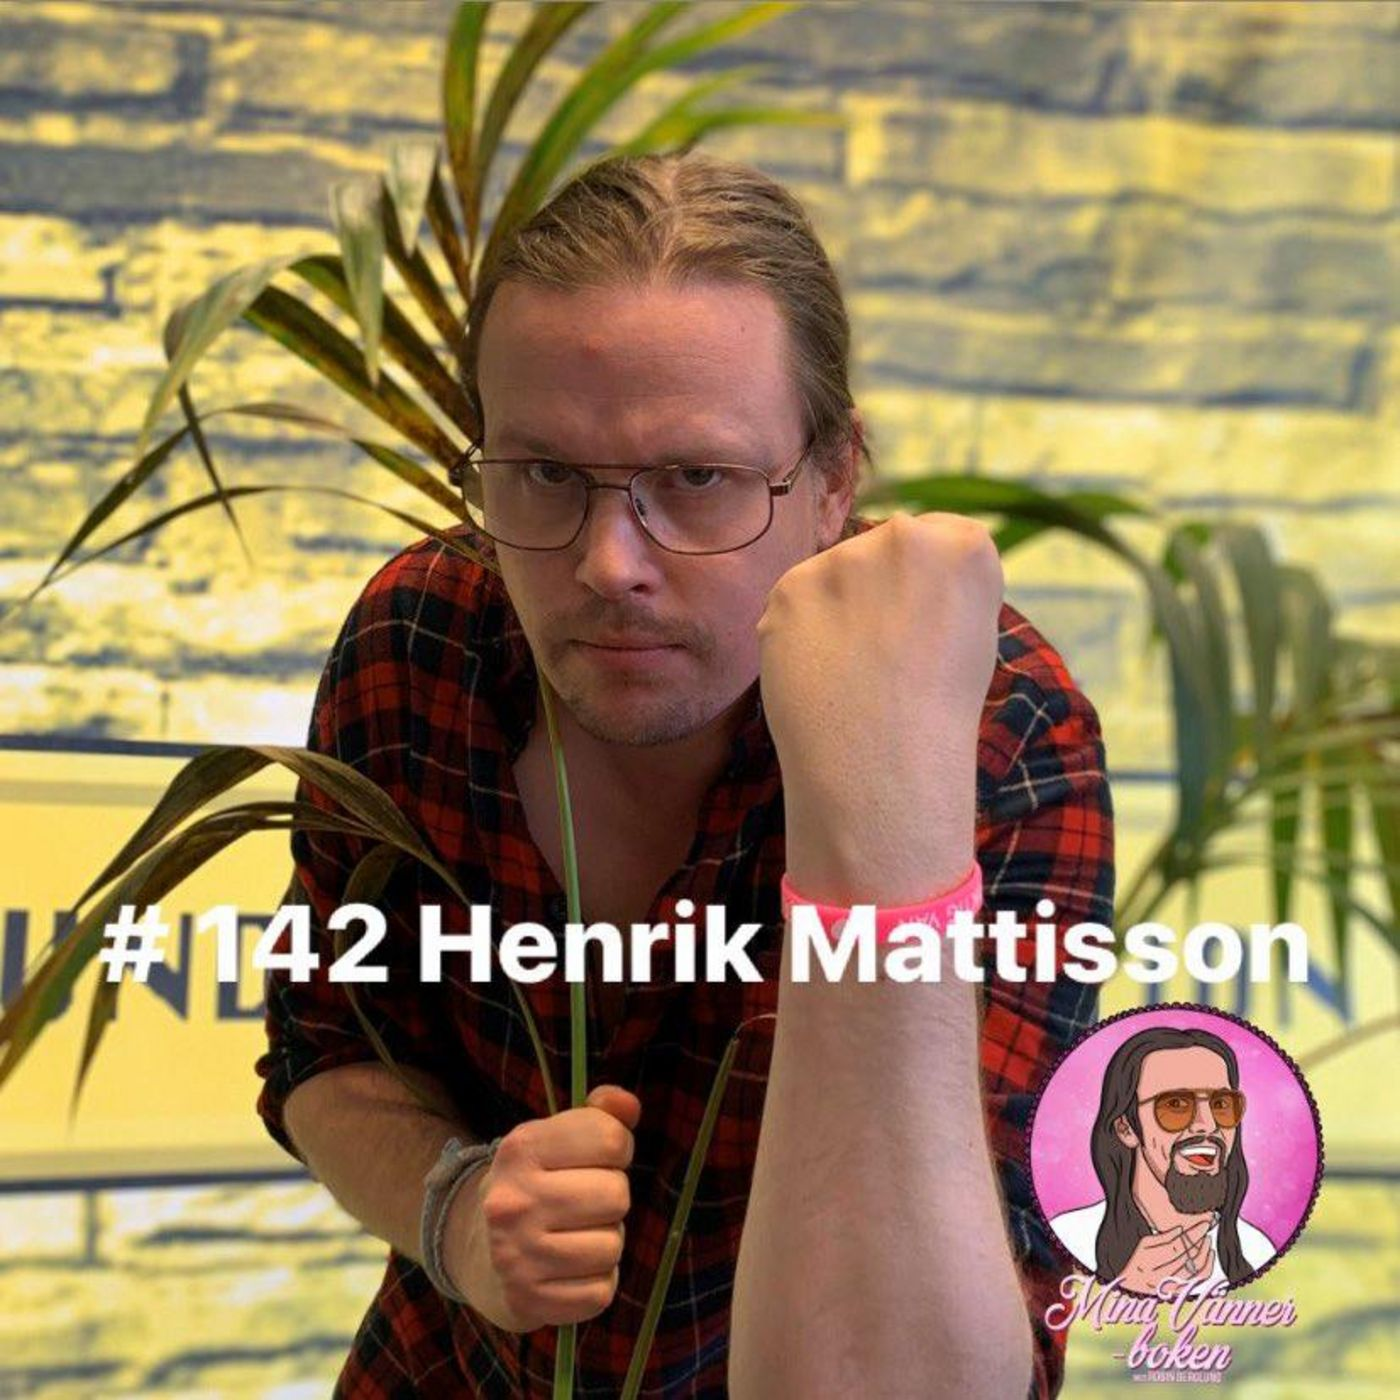 MVB #142 Henrik Mattisson